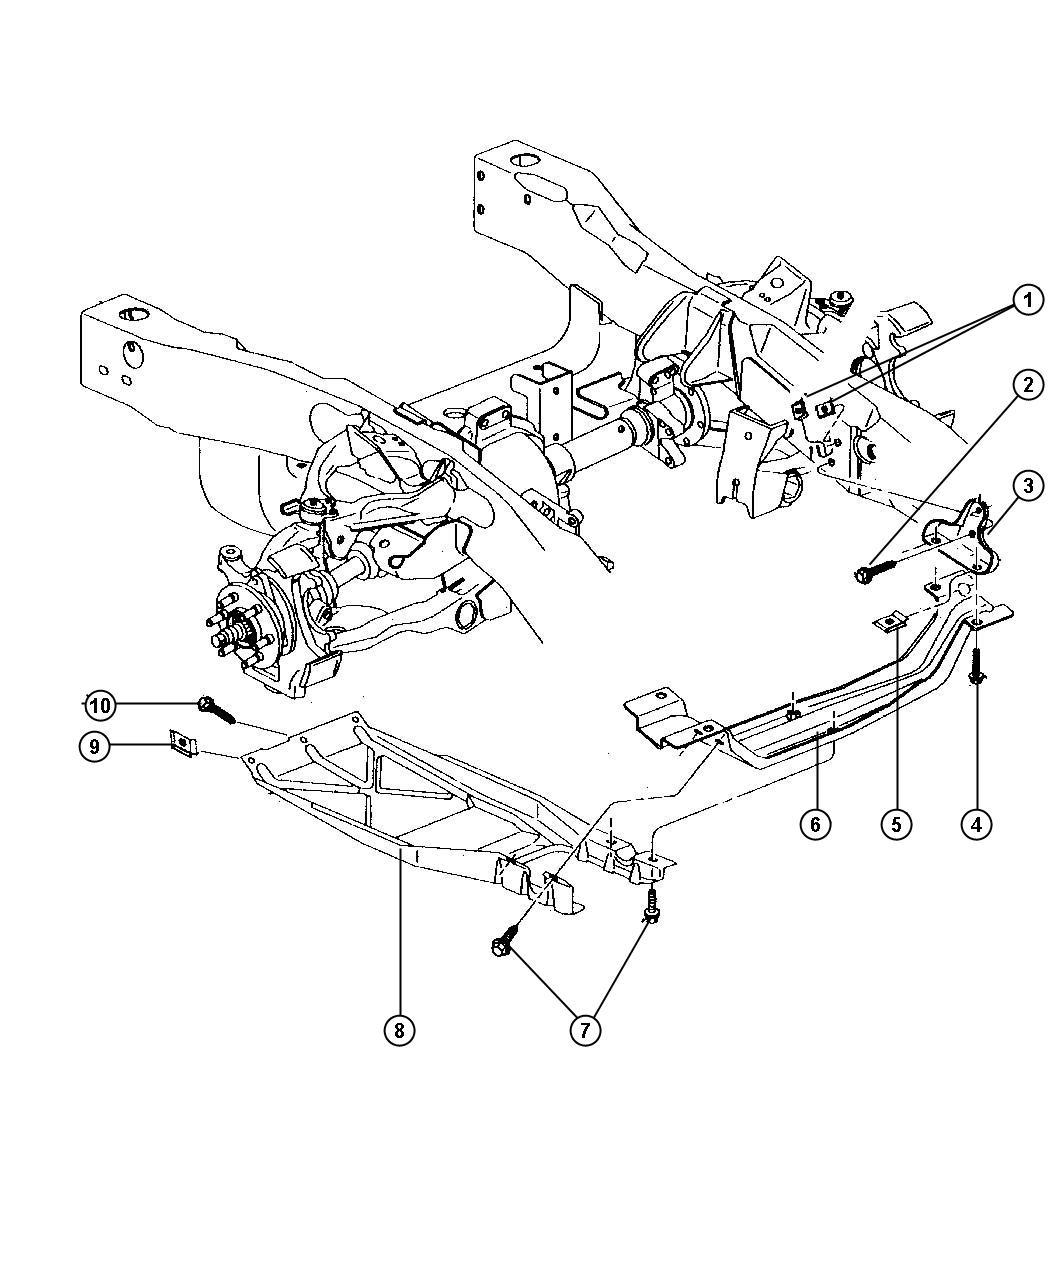 2006 Dodge Ram 2500 Front End Parts Diagram